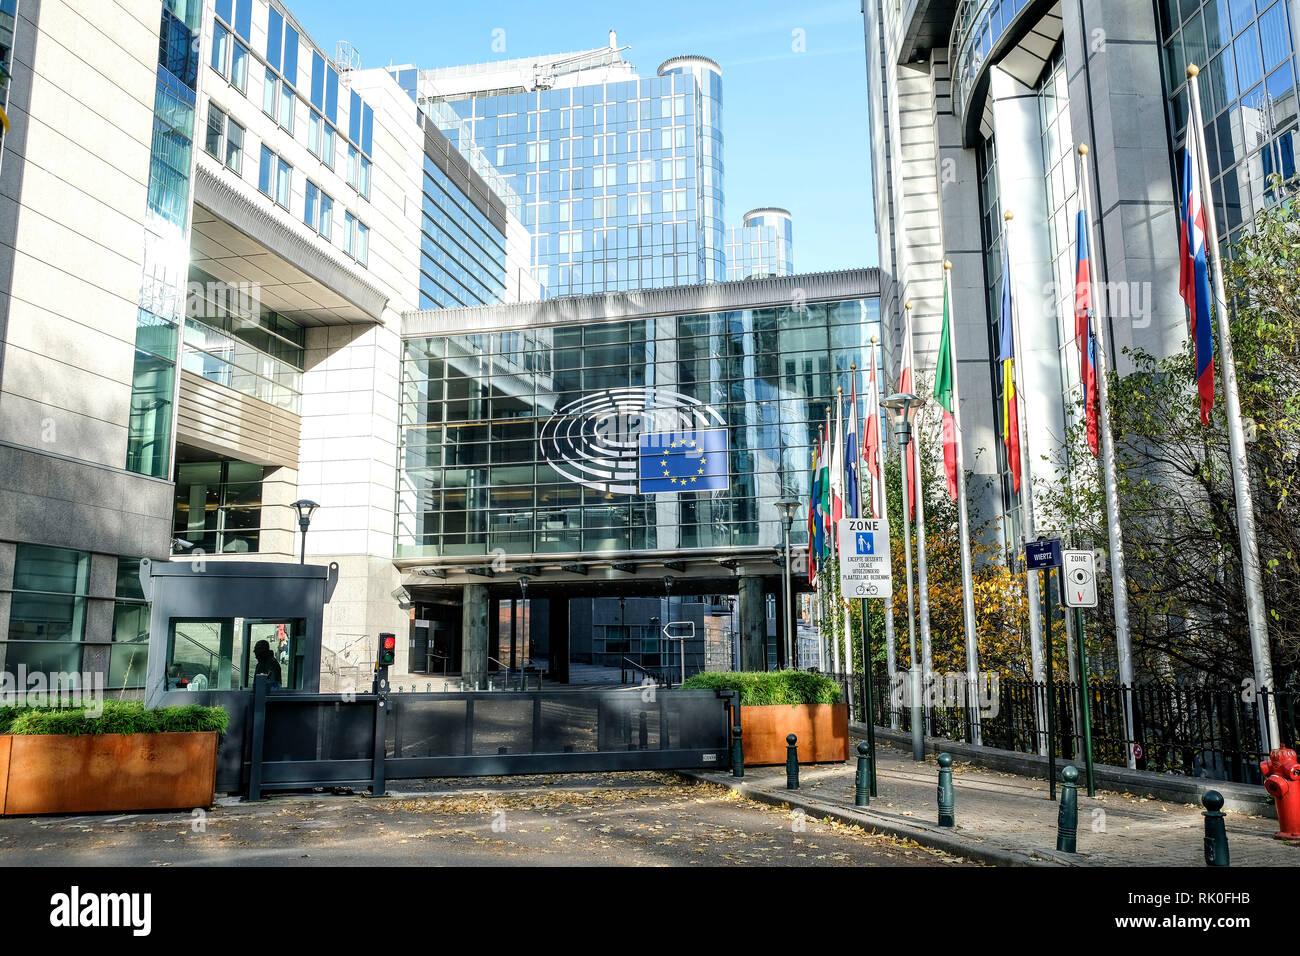 14.11.2018, Bruessel, Belgien - suedliche Zufahrt mit Schiebetor und Pfoertnerloge zum Europaeischen Parlaments in Bruessel bei den Gebaeuden Alt Stockbild